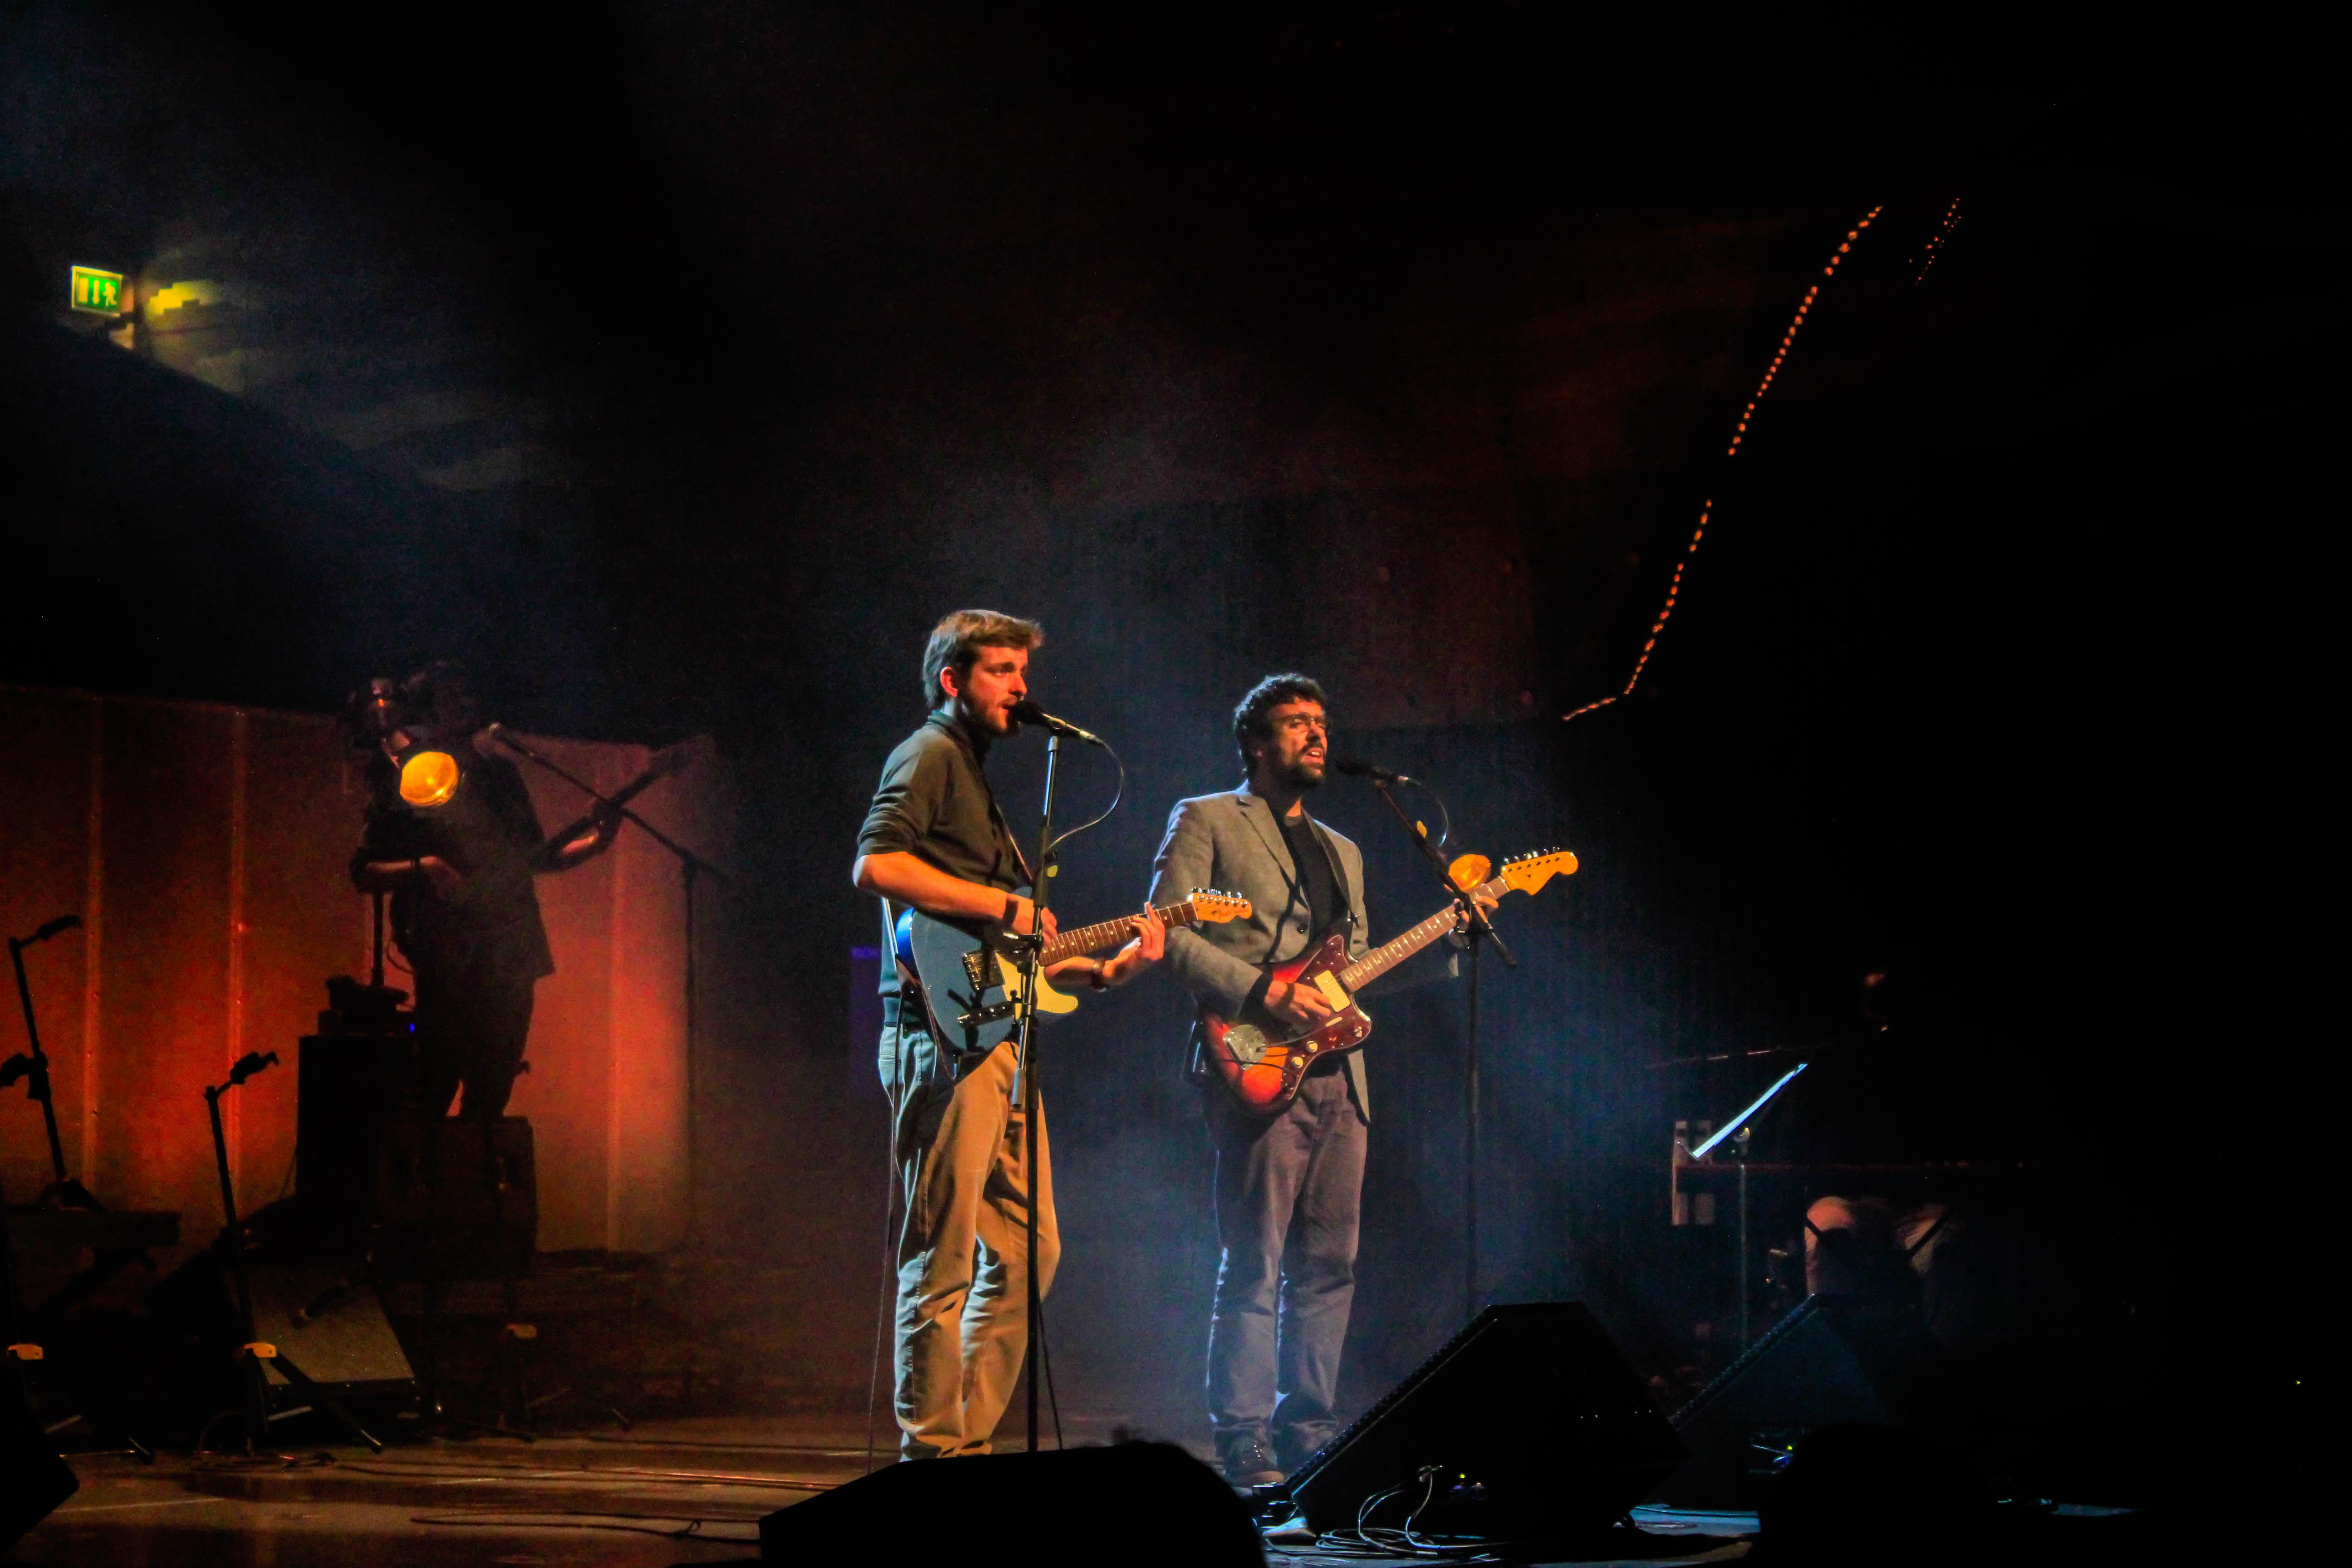 Tiago Nacarato e Miguel Araújo. Fotografia: Joana Nogueira